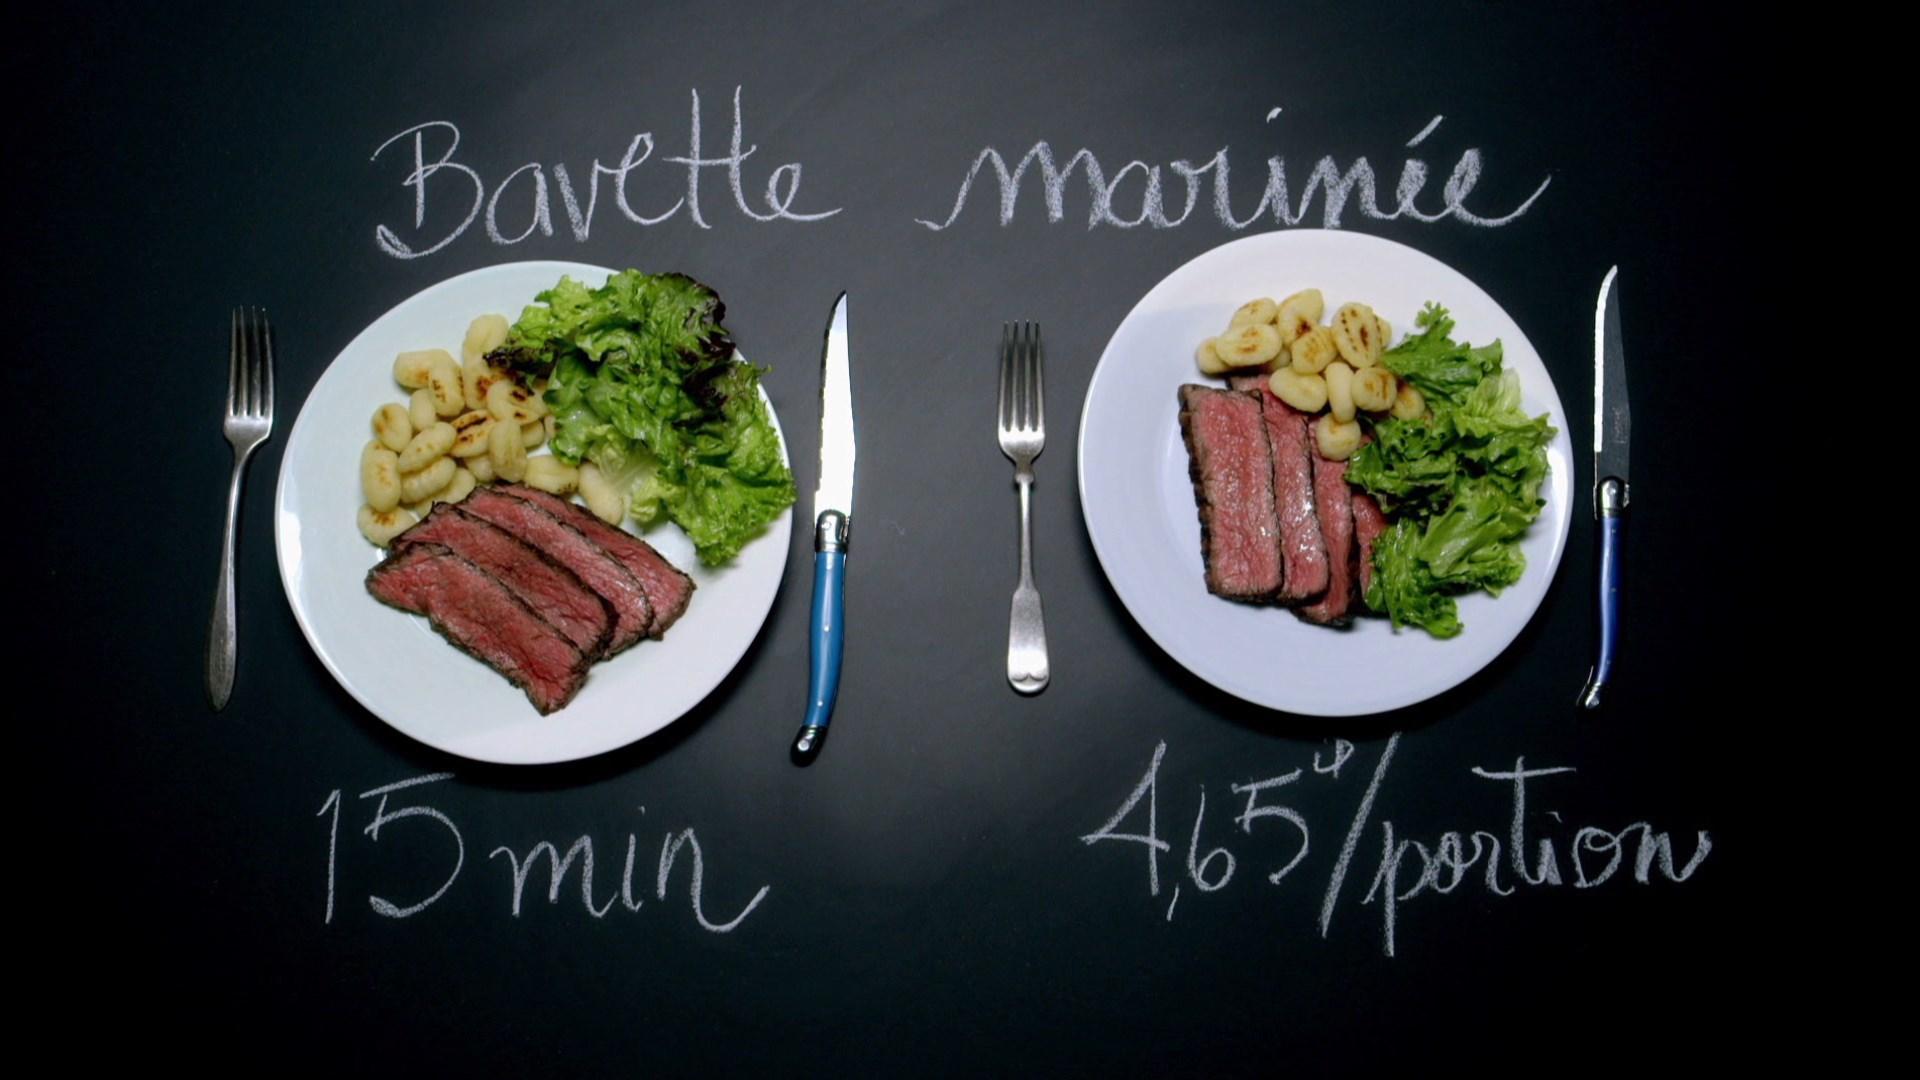 Bavette marin e cuisine fut e parents press s zone - Cuisine tv recettes minutes chrono ...